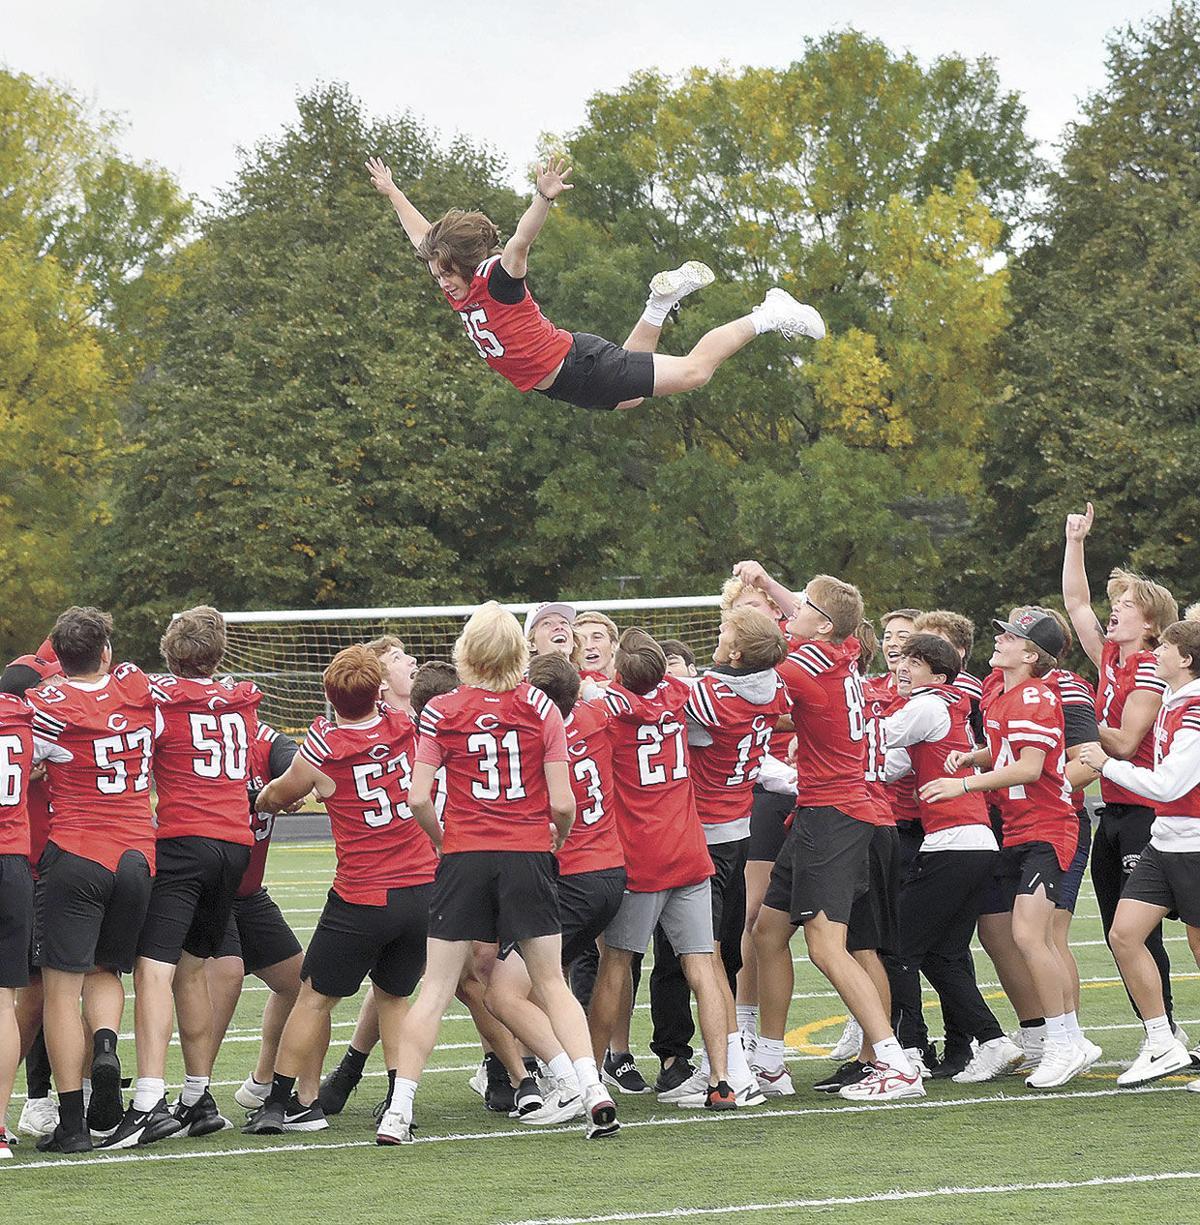 Centennial High School celebrates homecoming week